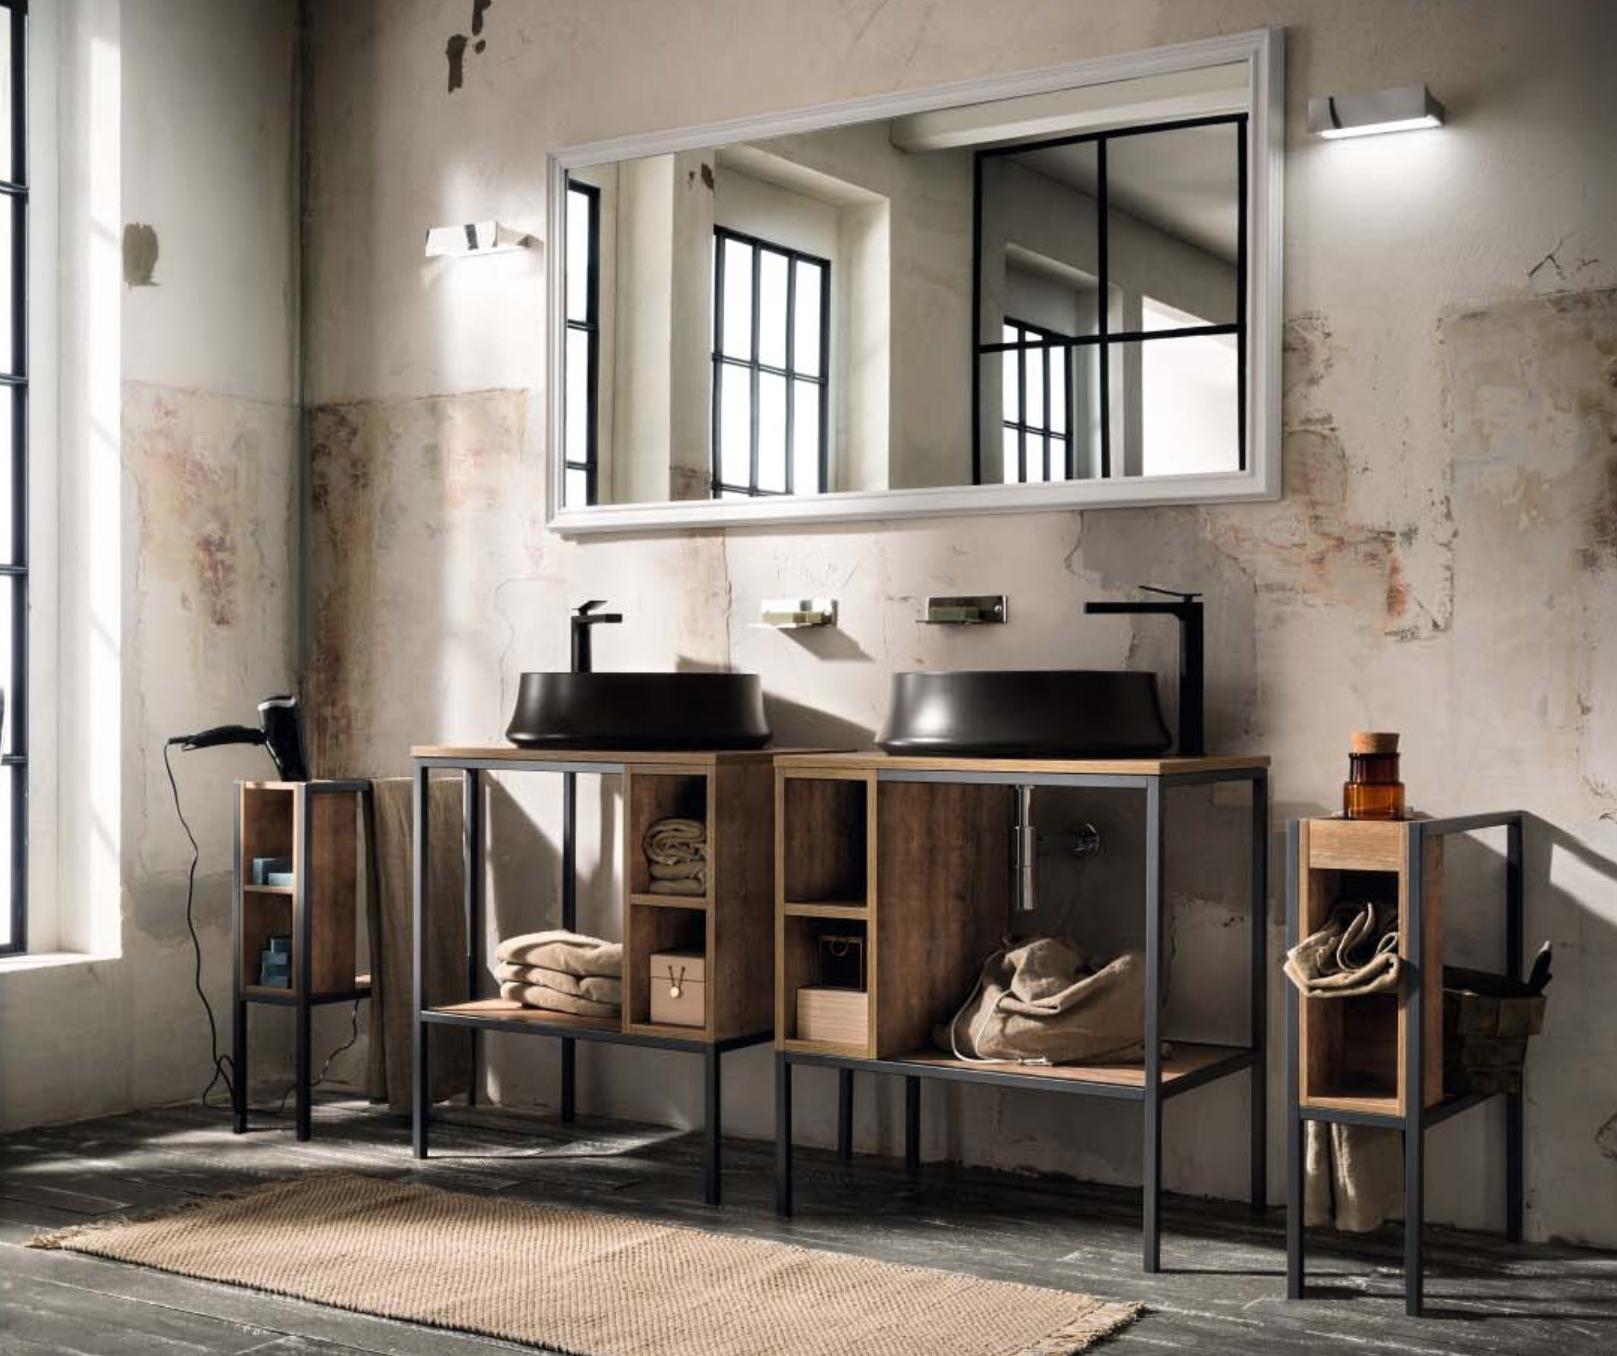 Mobili bagno industrial style arredamenti barin for Arredo design